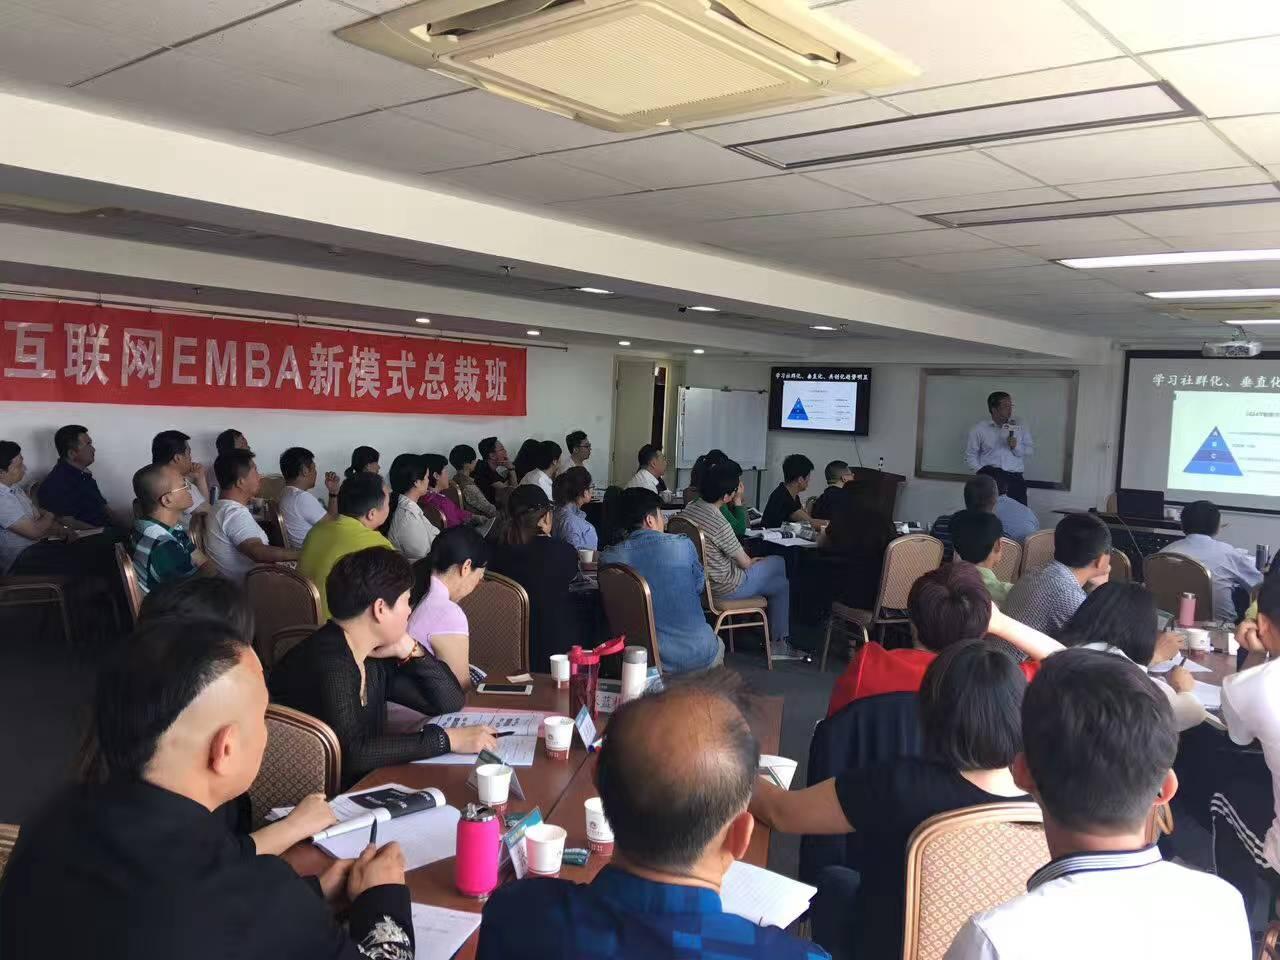 北清商学院-互联网EMBA总裁班2017年5月课堂现场